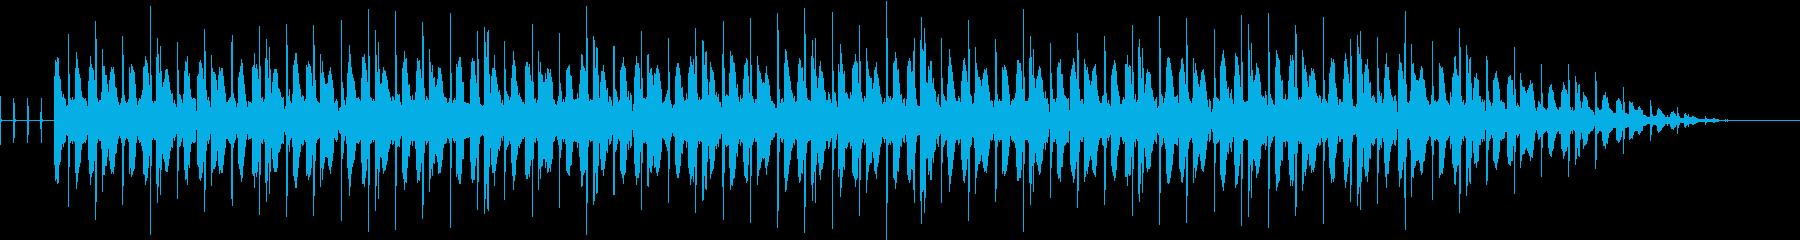 ふわふわ☆8ビート[BELL]シンセの再生済みの波形